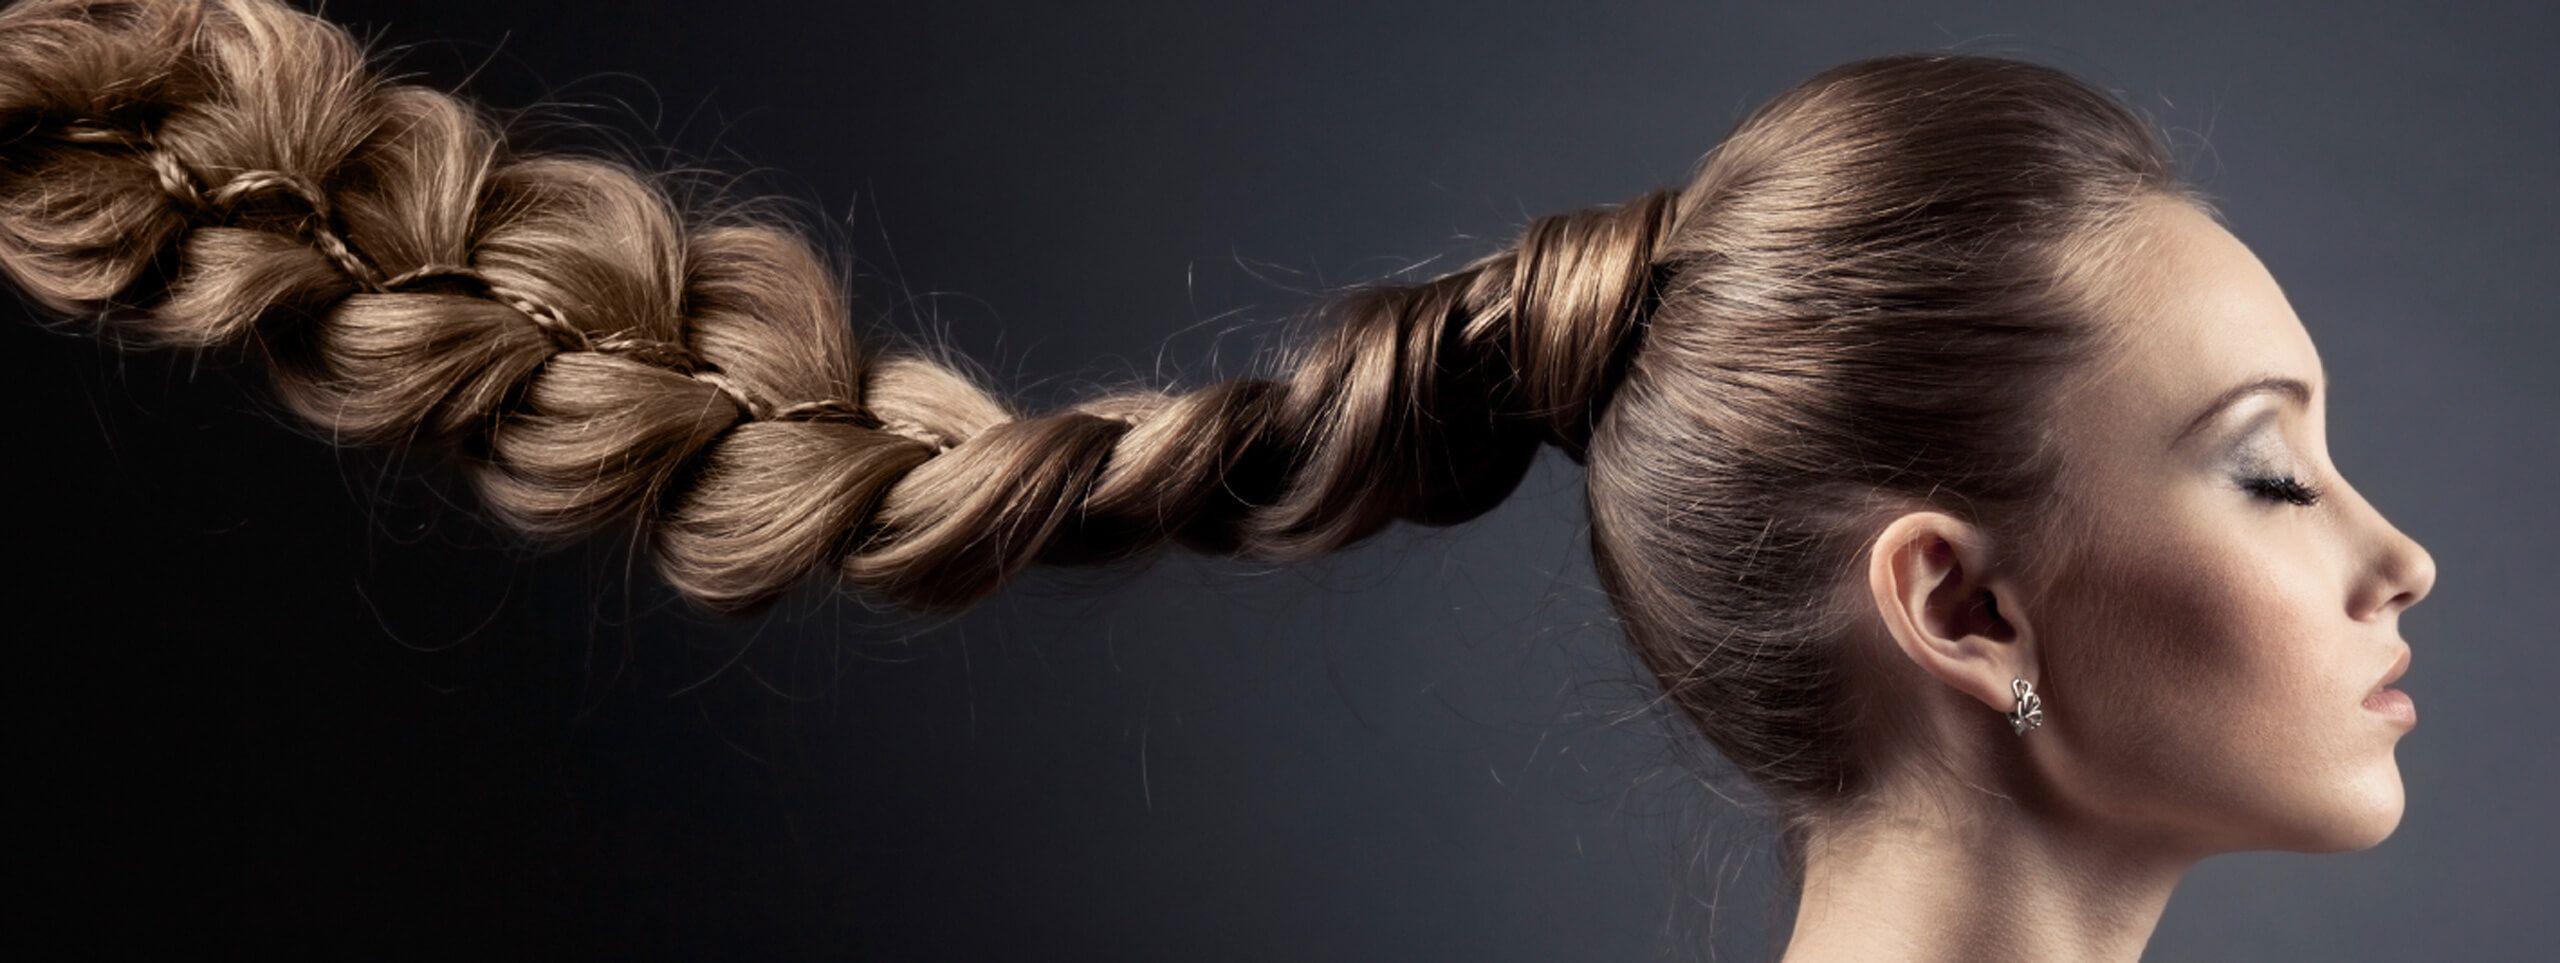 Укрепление волос кератин